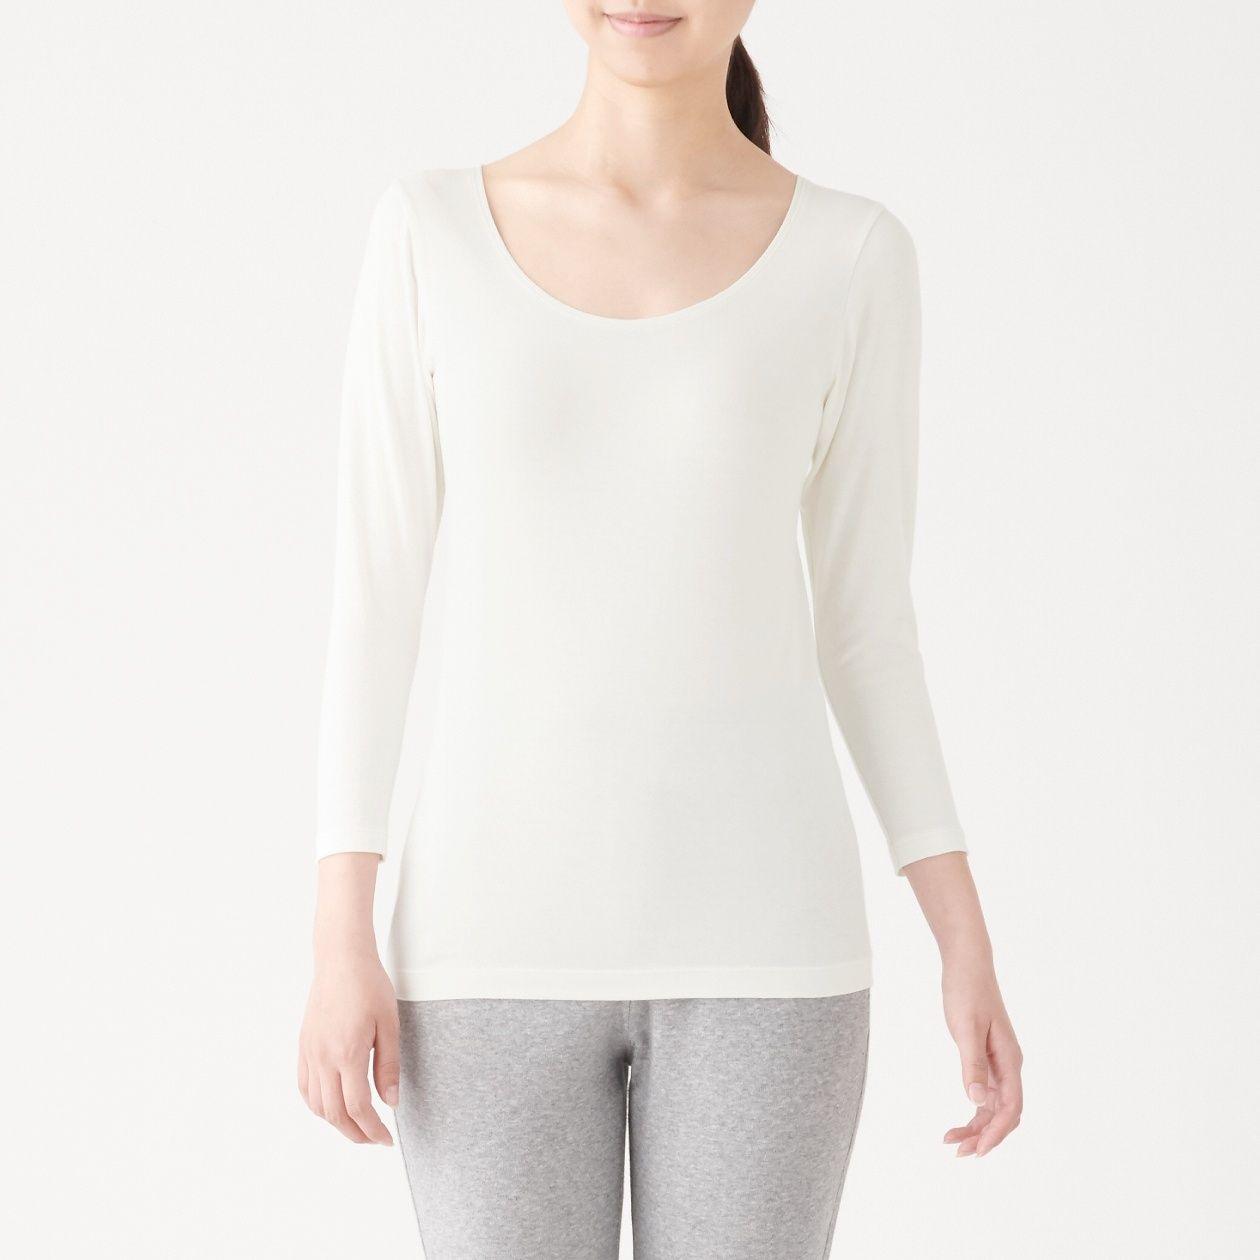 綿であったかUネック八分袖Tシャツ